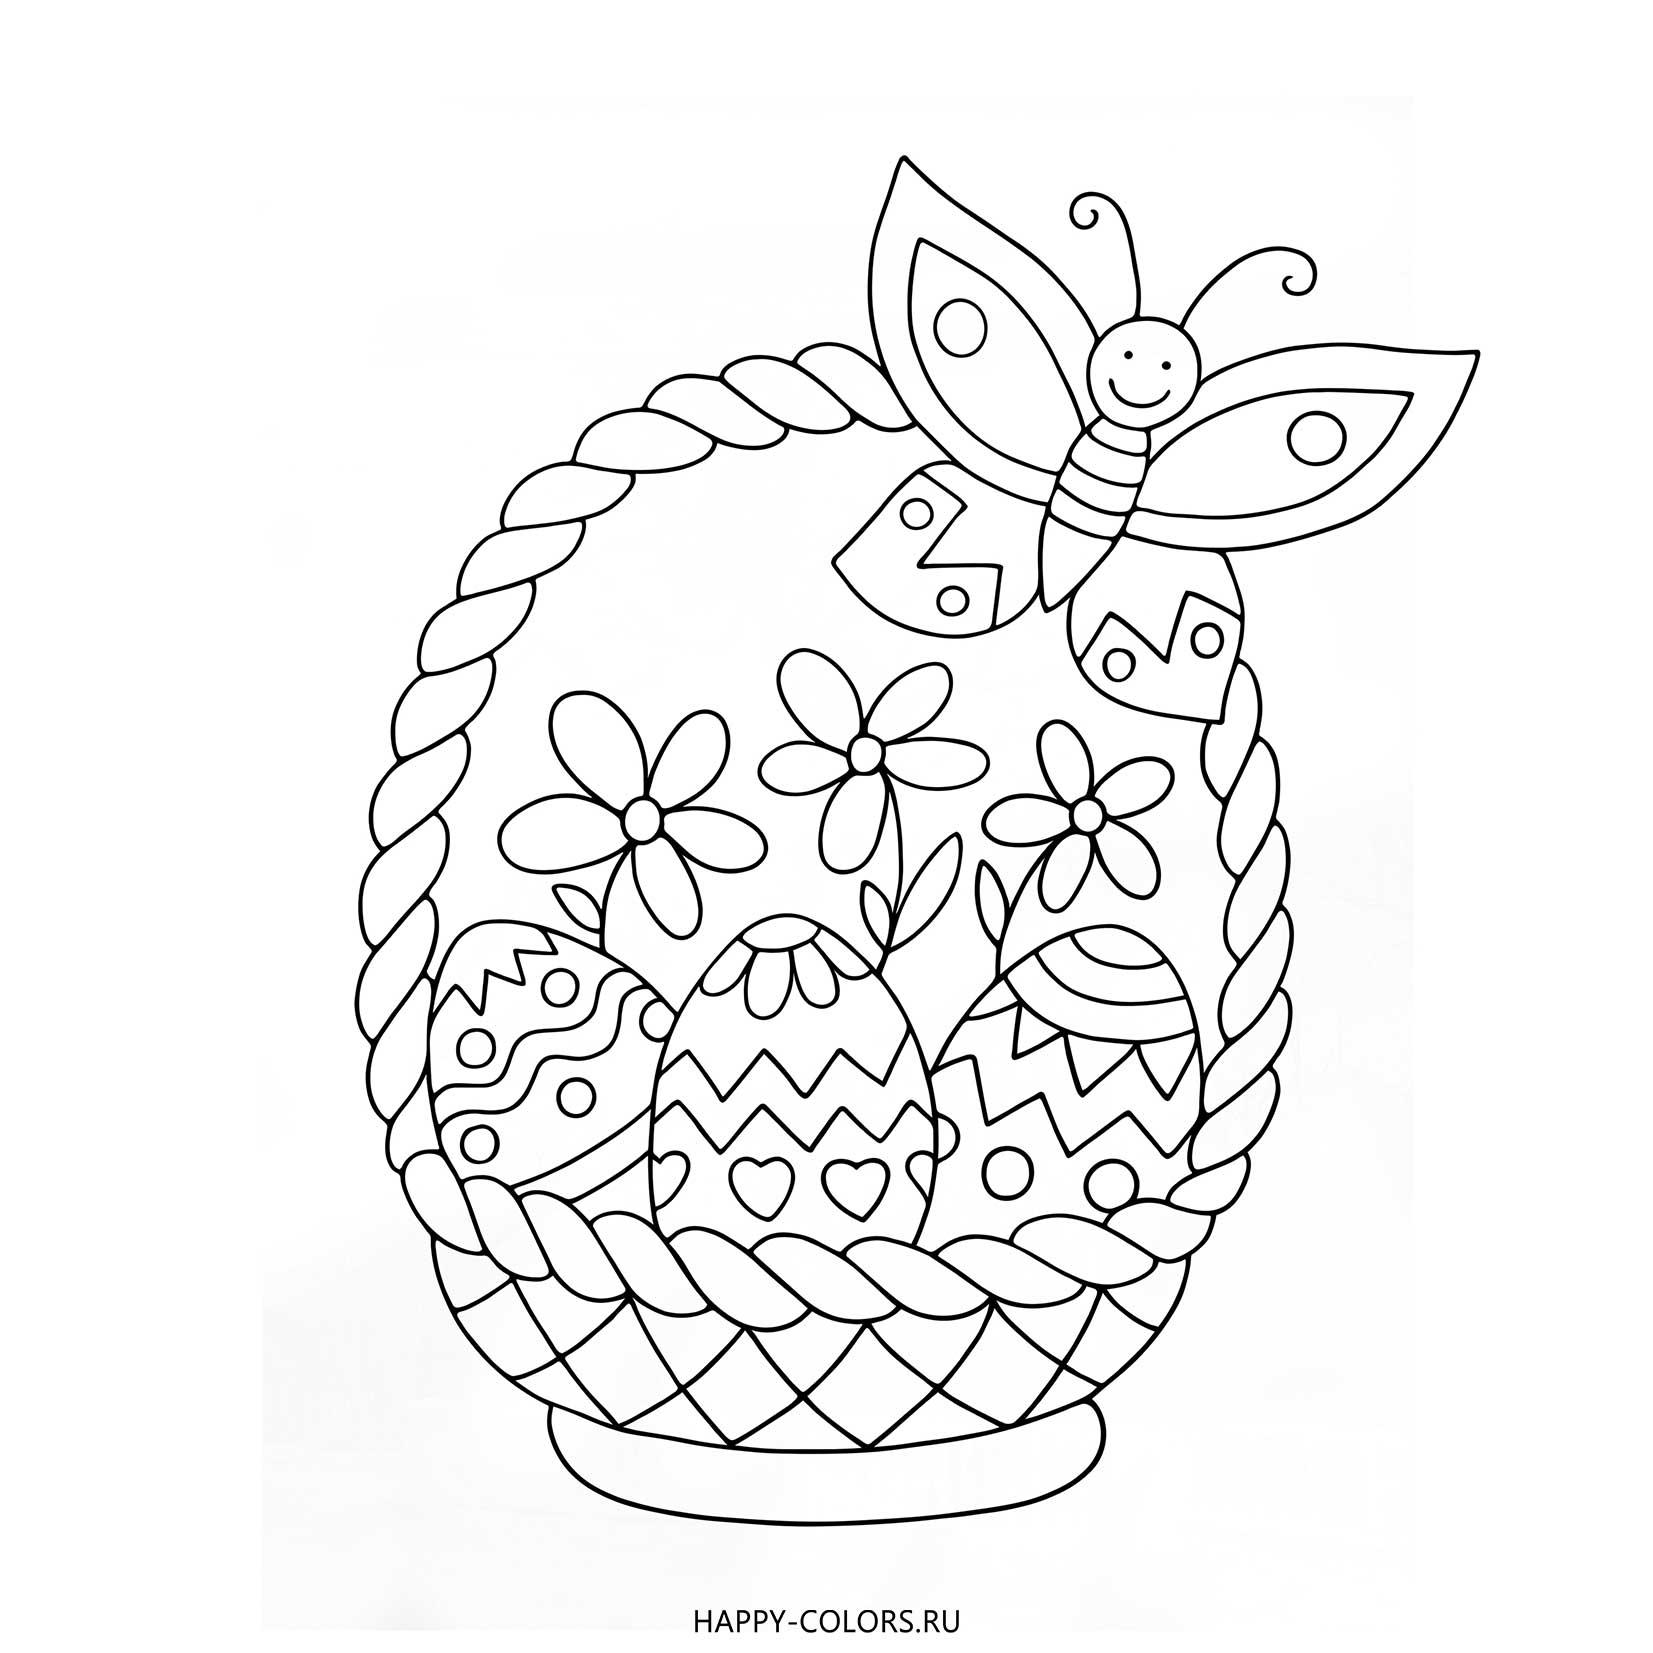 Раскраски Пасха для Детей - Распечатать бесплатно формат А4